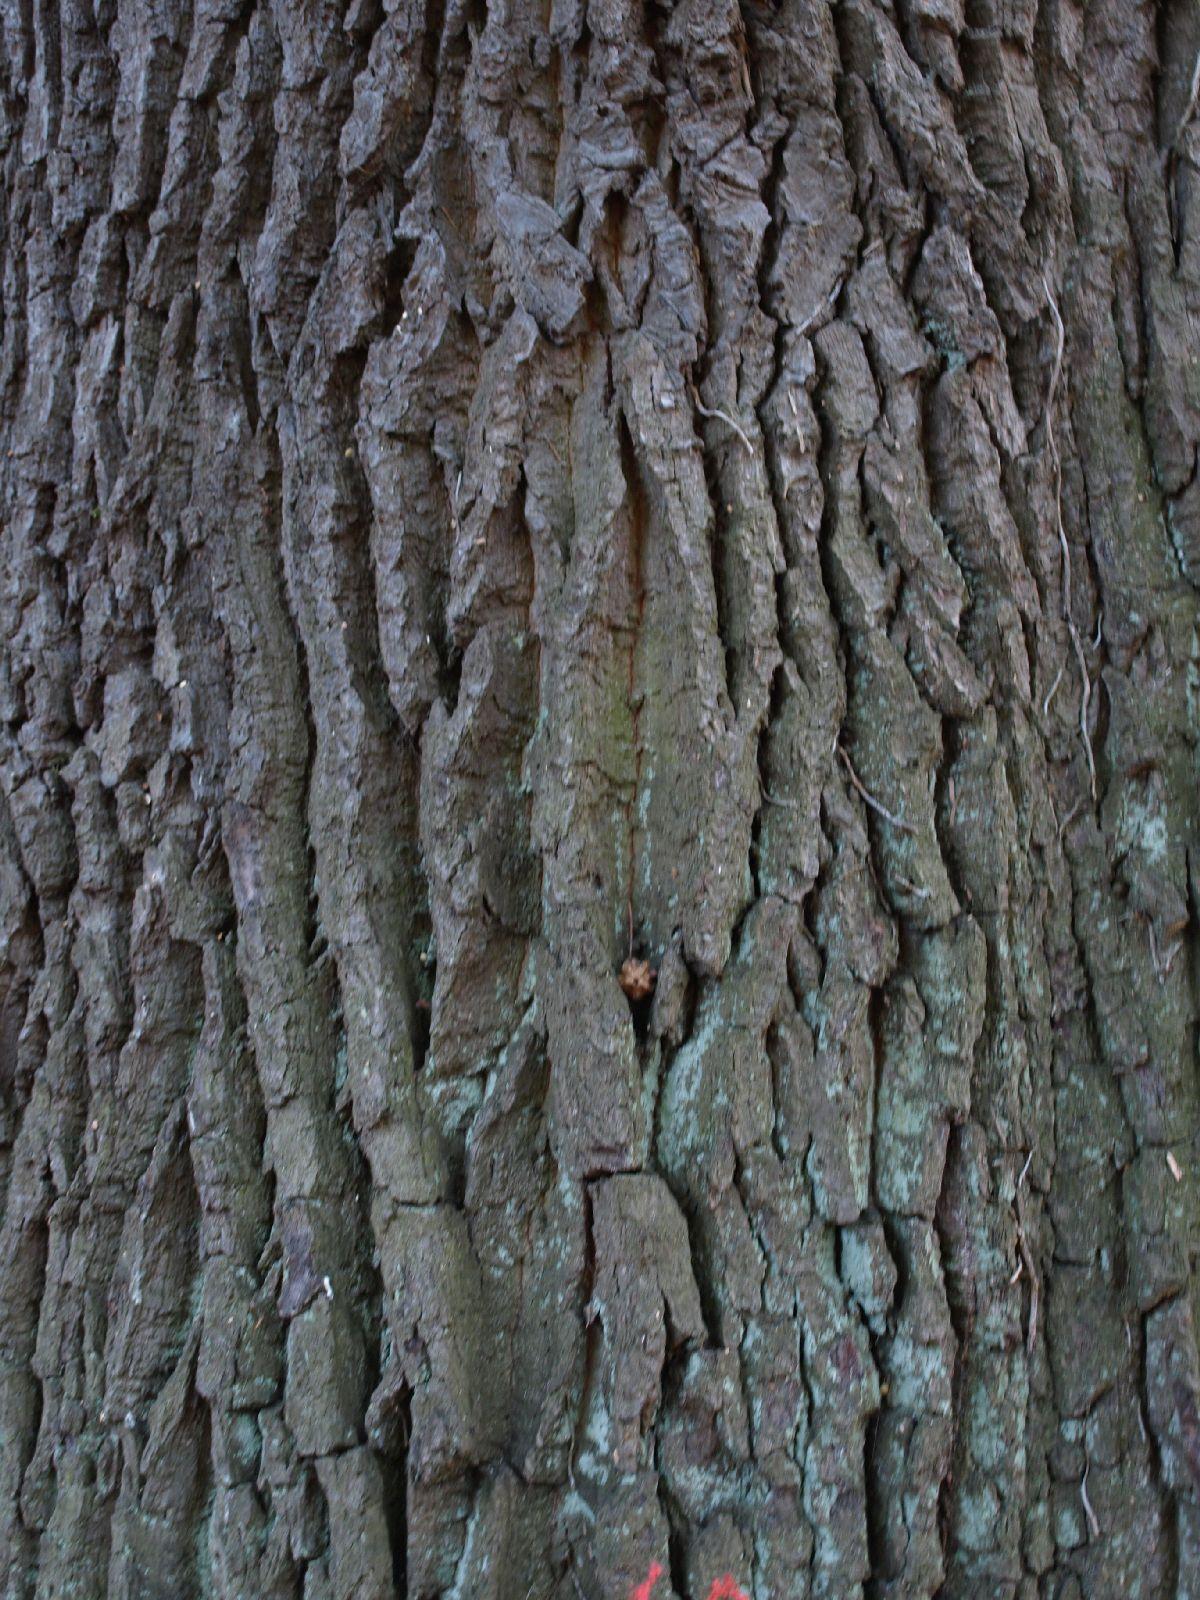 Baum-Rinde_Textur_A_PA256334